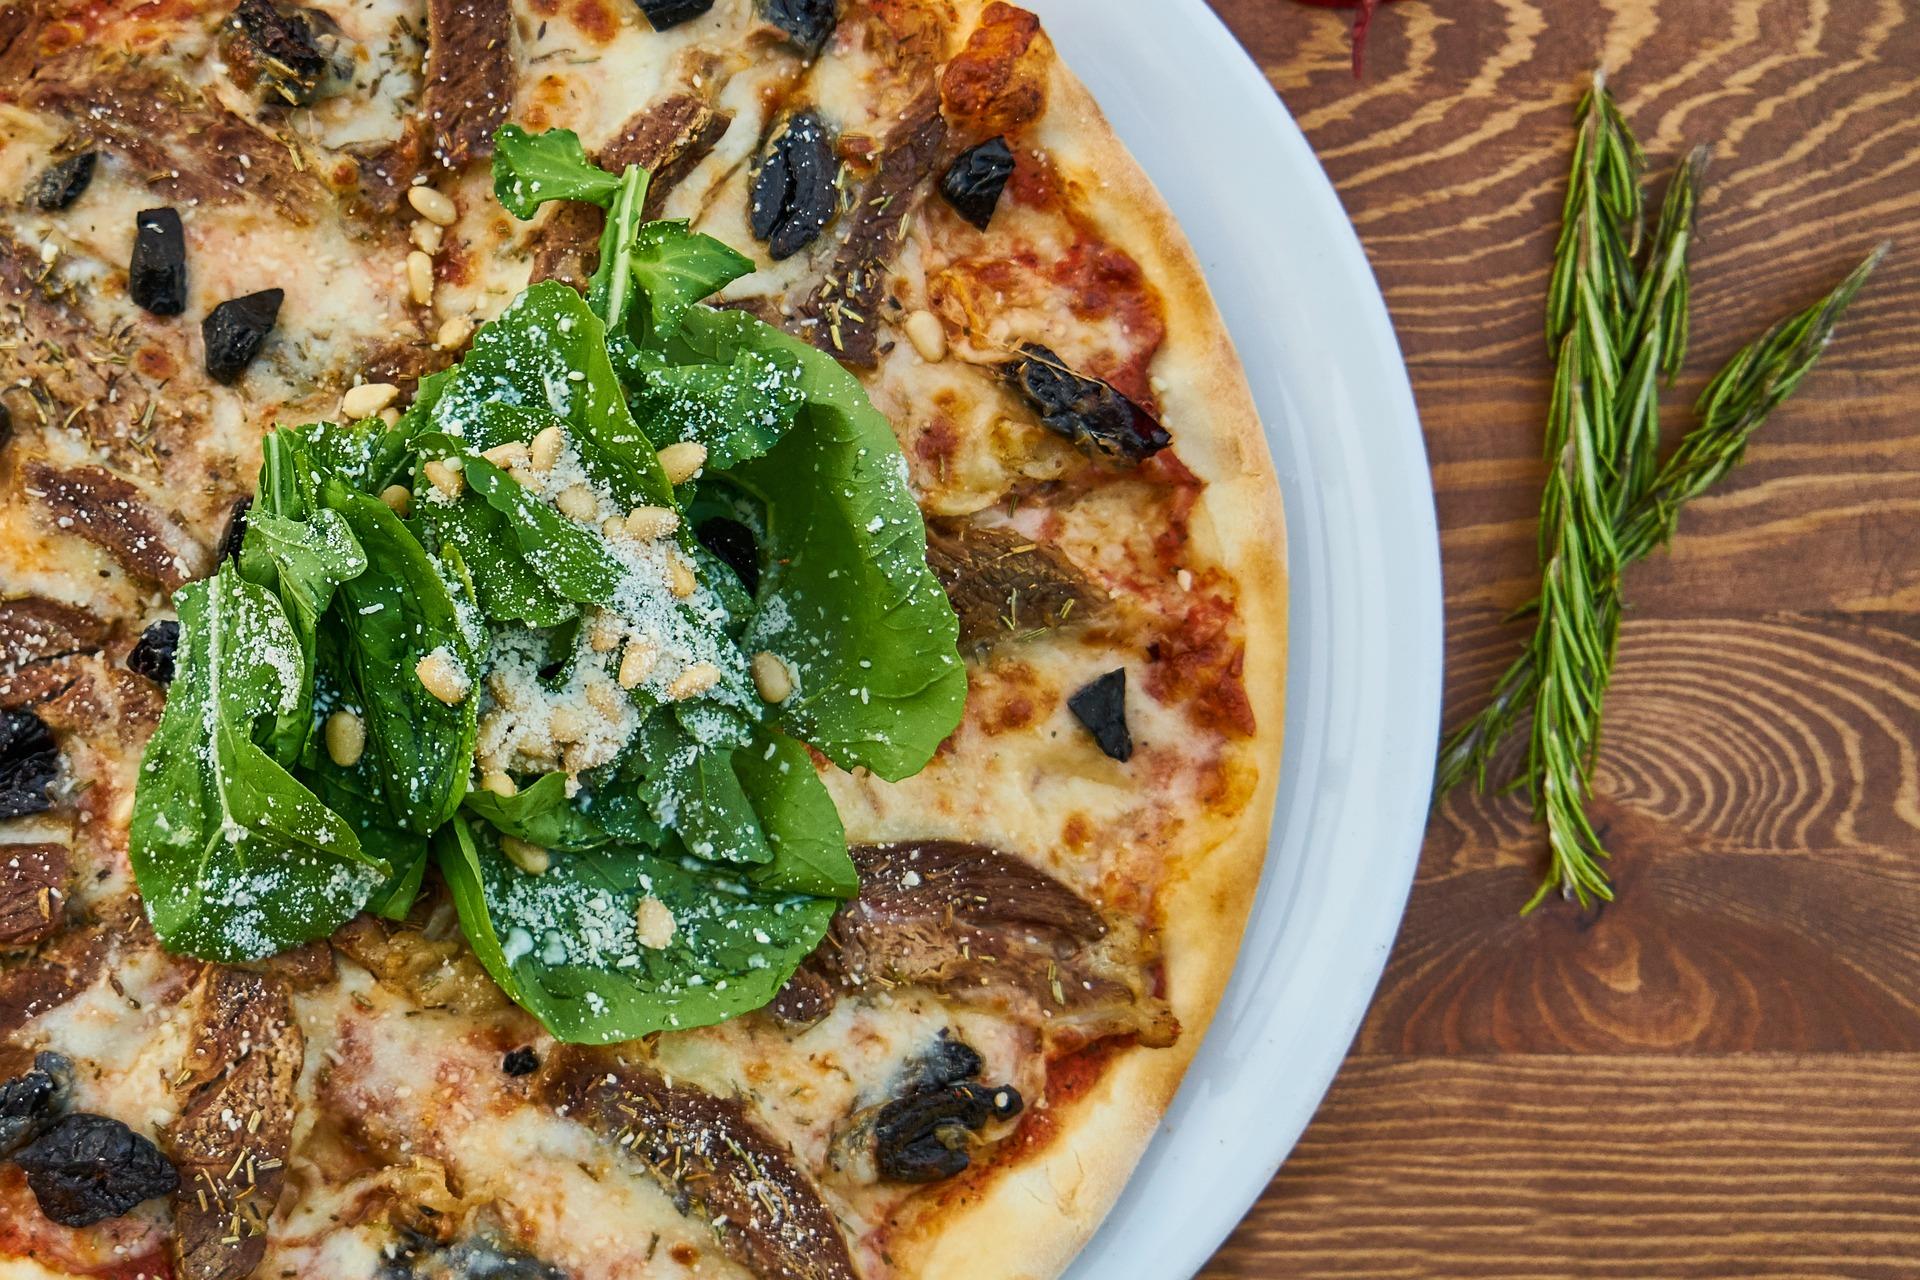 Pizza à emporter à Uzès (30) Gard, envie de commande une pizza à emporter à Uzès, Pizza Passion votr